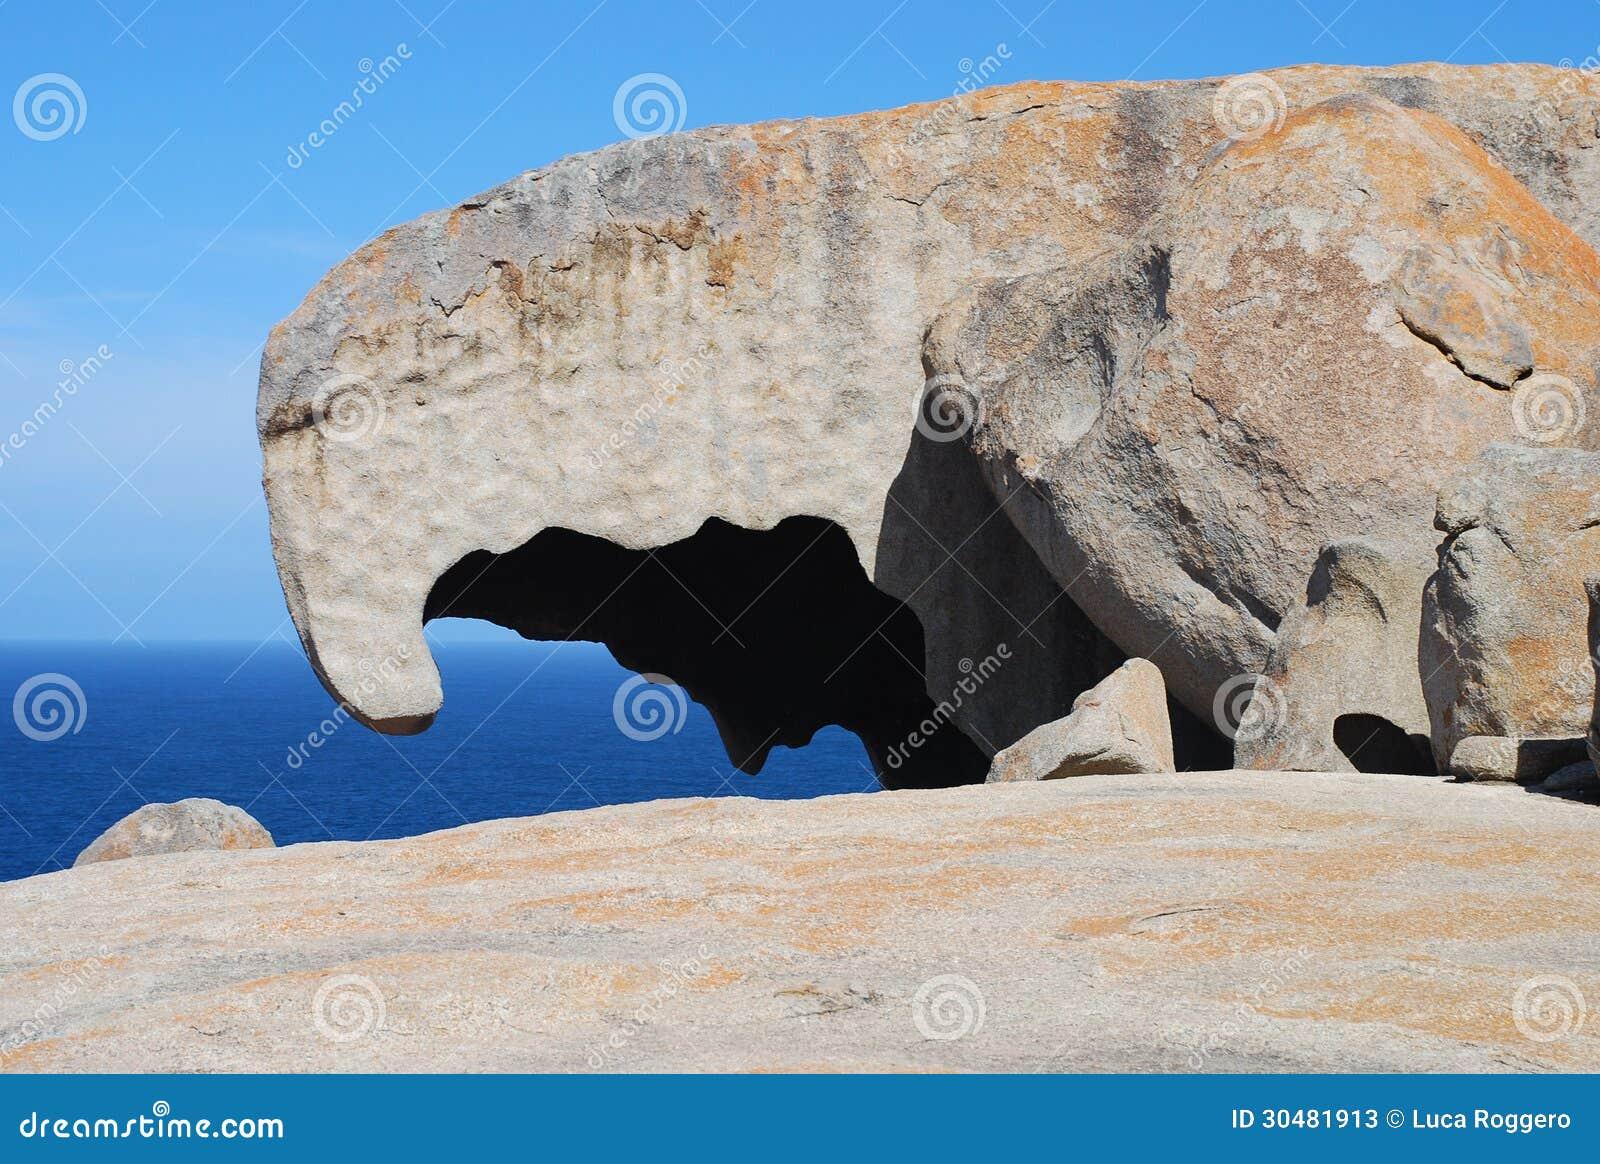 Roches remarquables, île de kangourou, Australie